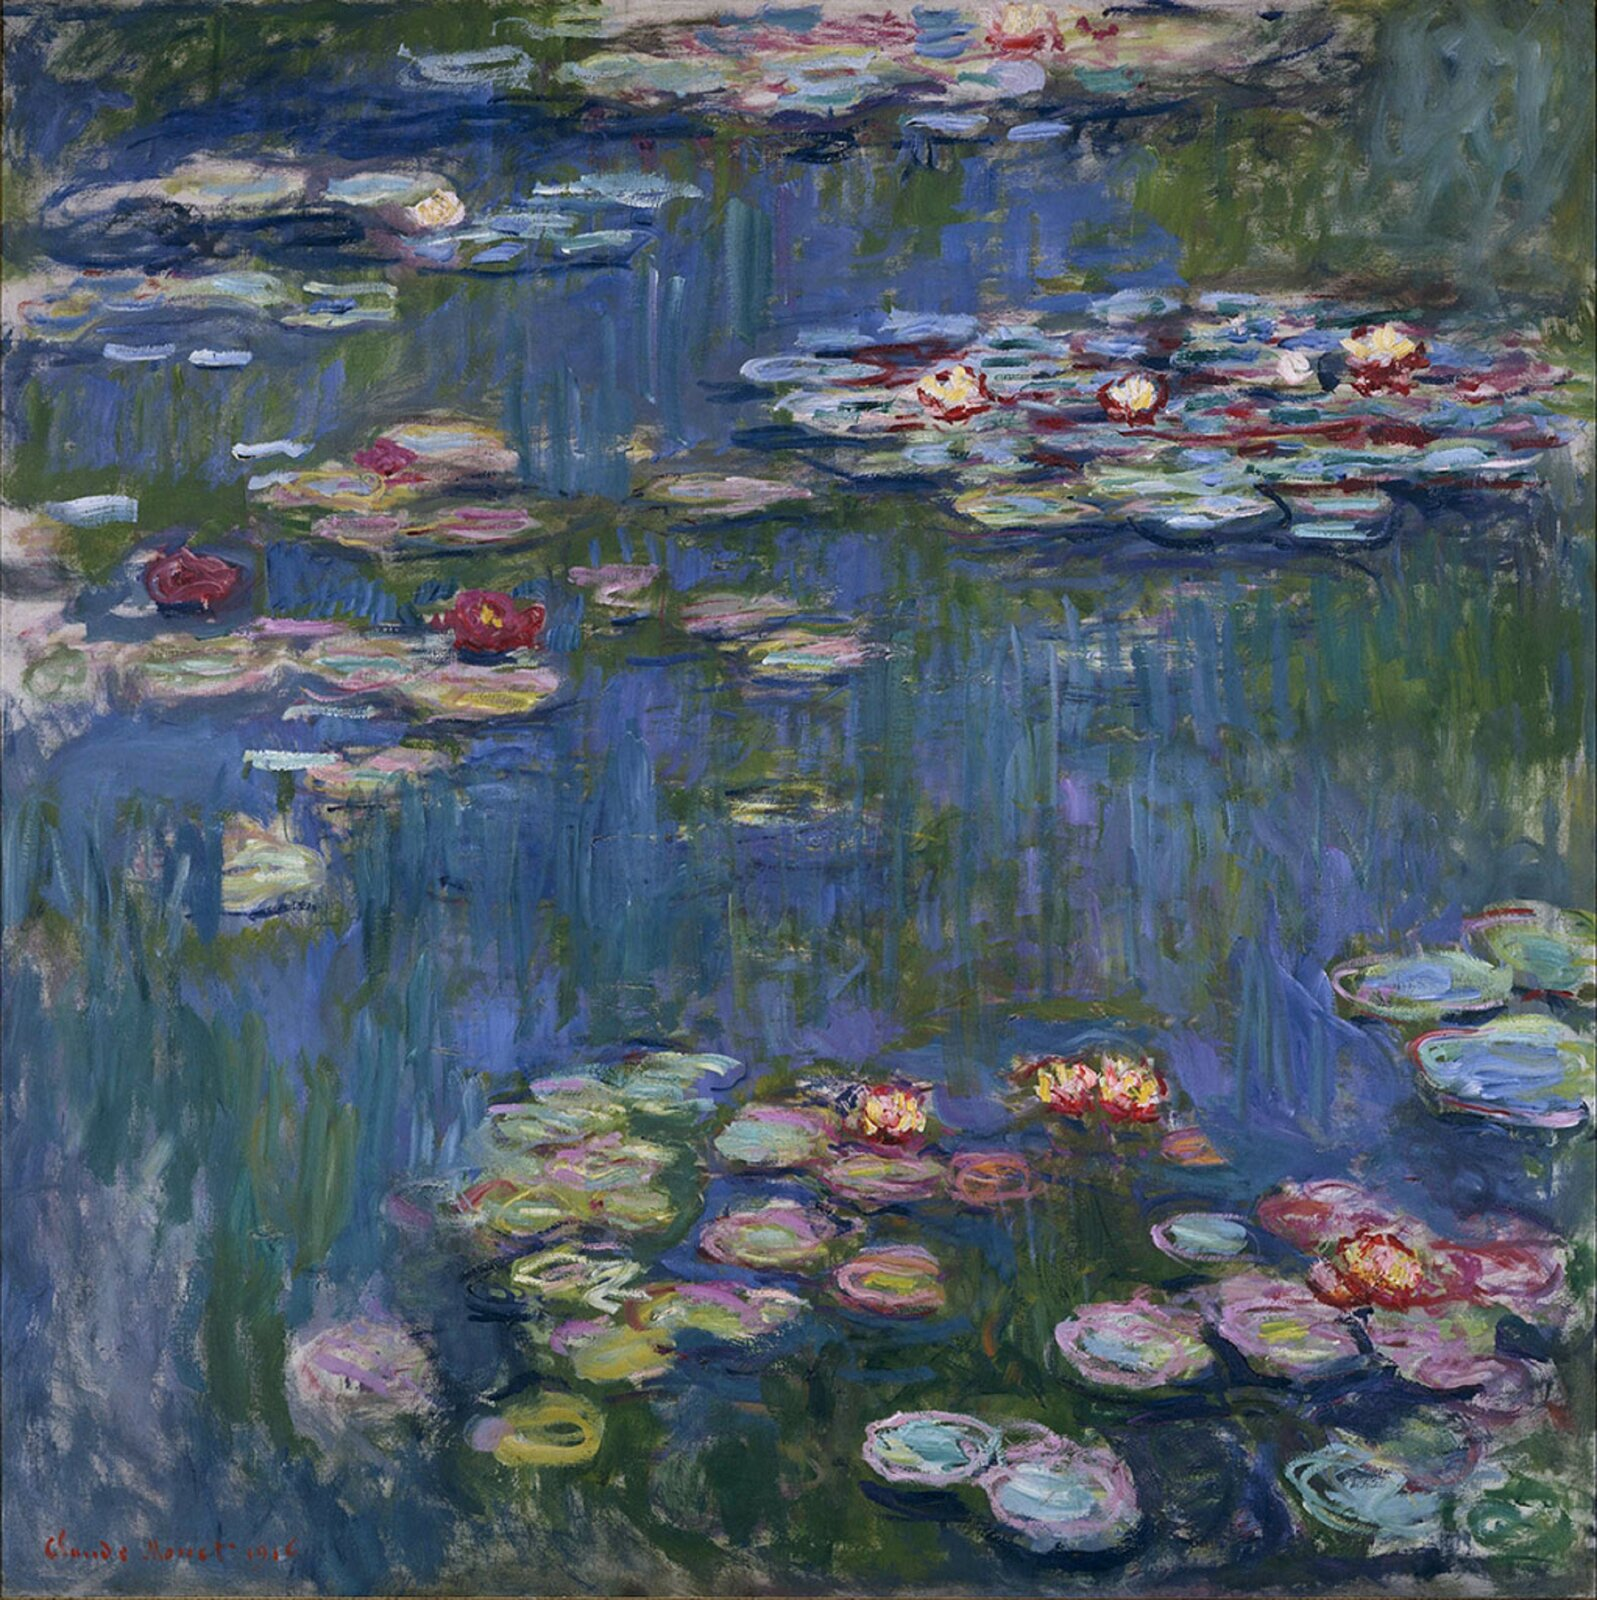 """Ilustracja przedstawia obraz Claude'a Moneta """"Lilie wodne"""". Dzieło ukazuje ogród kwiatowy Moneta wjego domu wGiverny. Na wodzie pływają lilie, znajdujące się na liściach. Przez taflę wody widoczne są zakorzenione wgłębi ogony roślin. Płótno namalowane jest zdecydowanymi pociągnięciami pędzla, przy pomocy drobnych smug czystego koloru."""